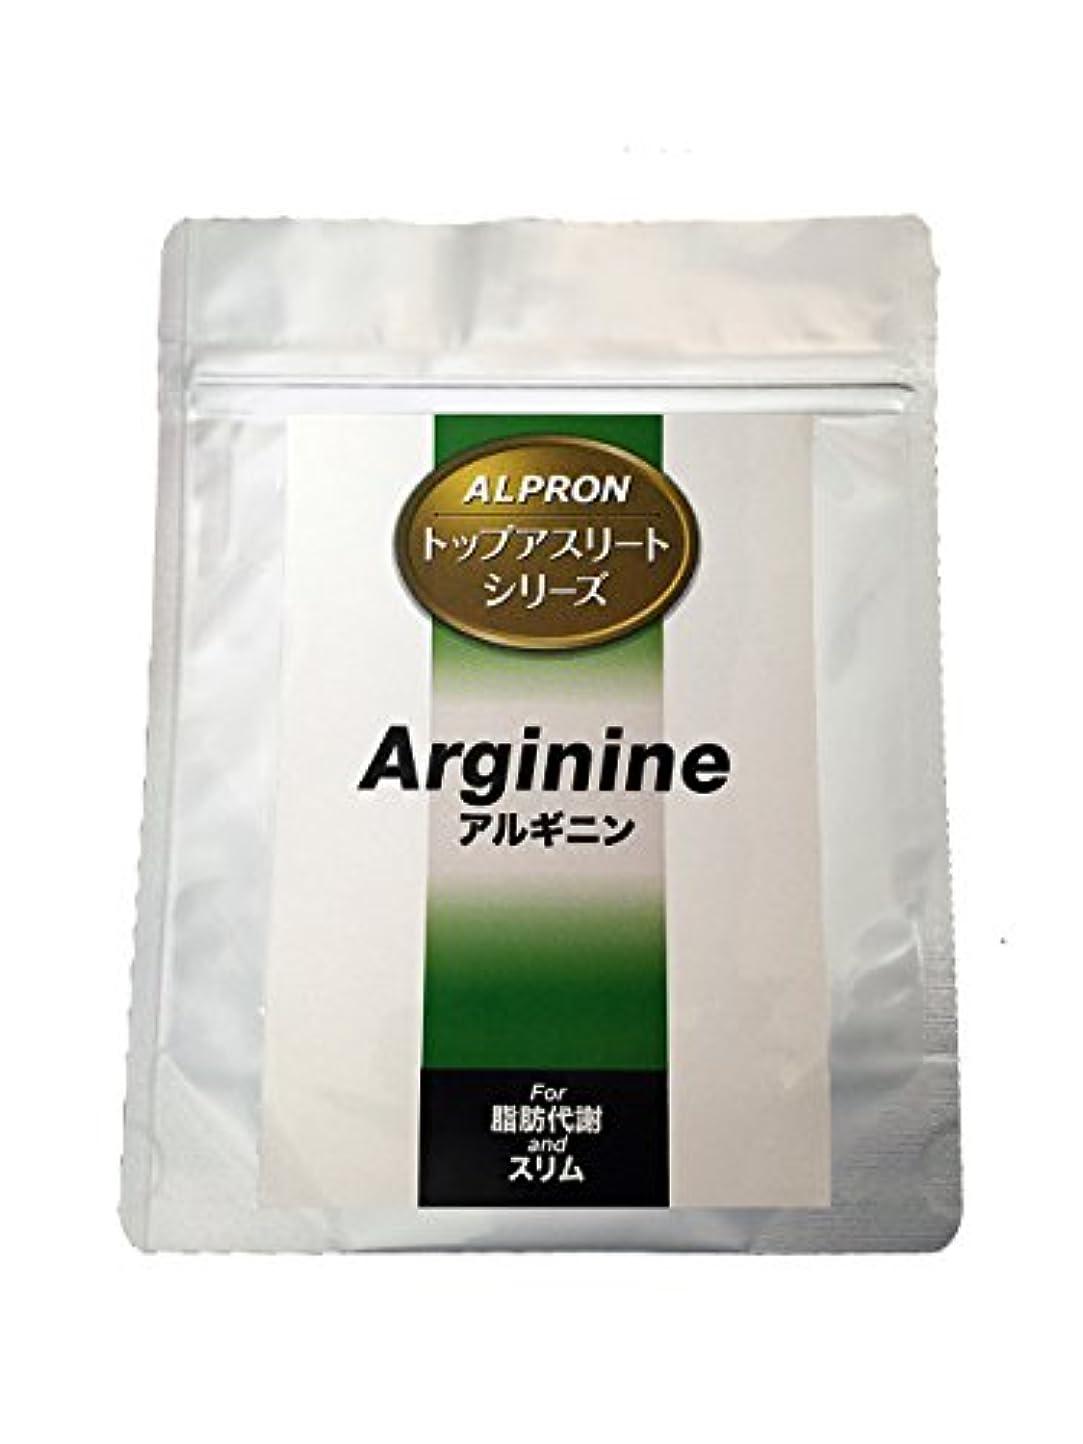 ディンカルビル帰る突き出すアルプロン -ALPRON- アルギニン(100g)